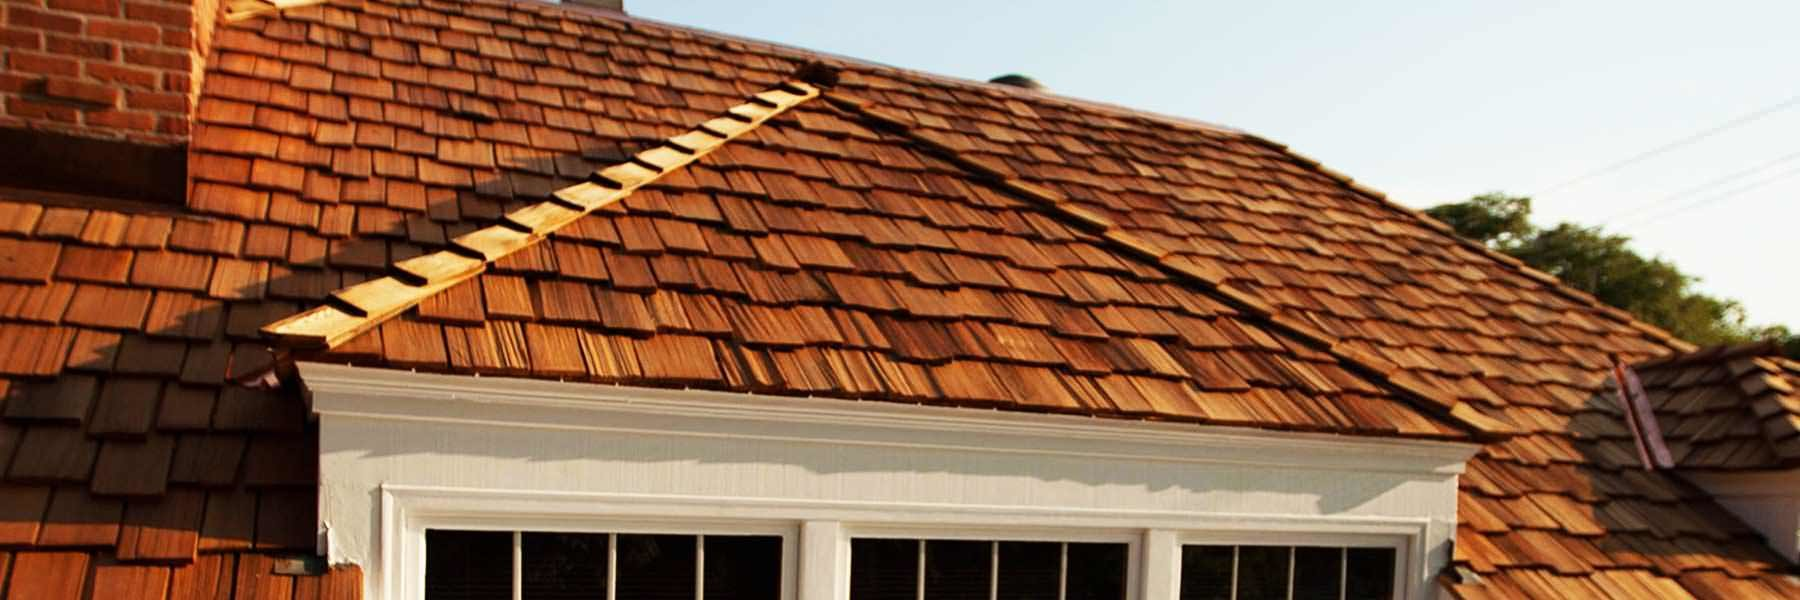 Cedar Roof House